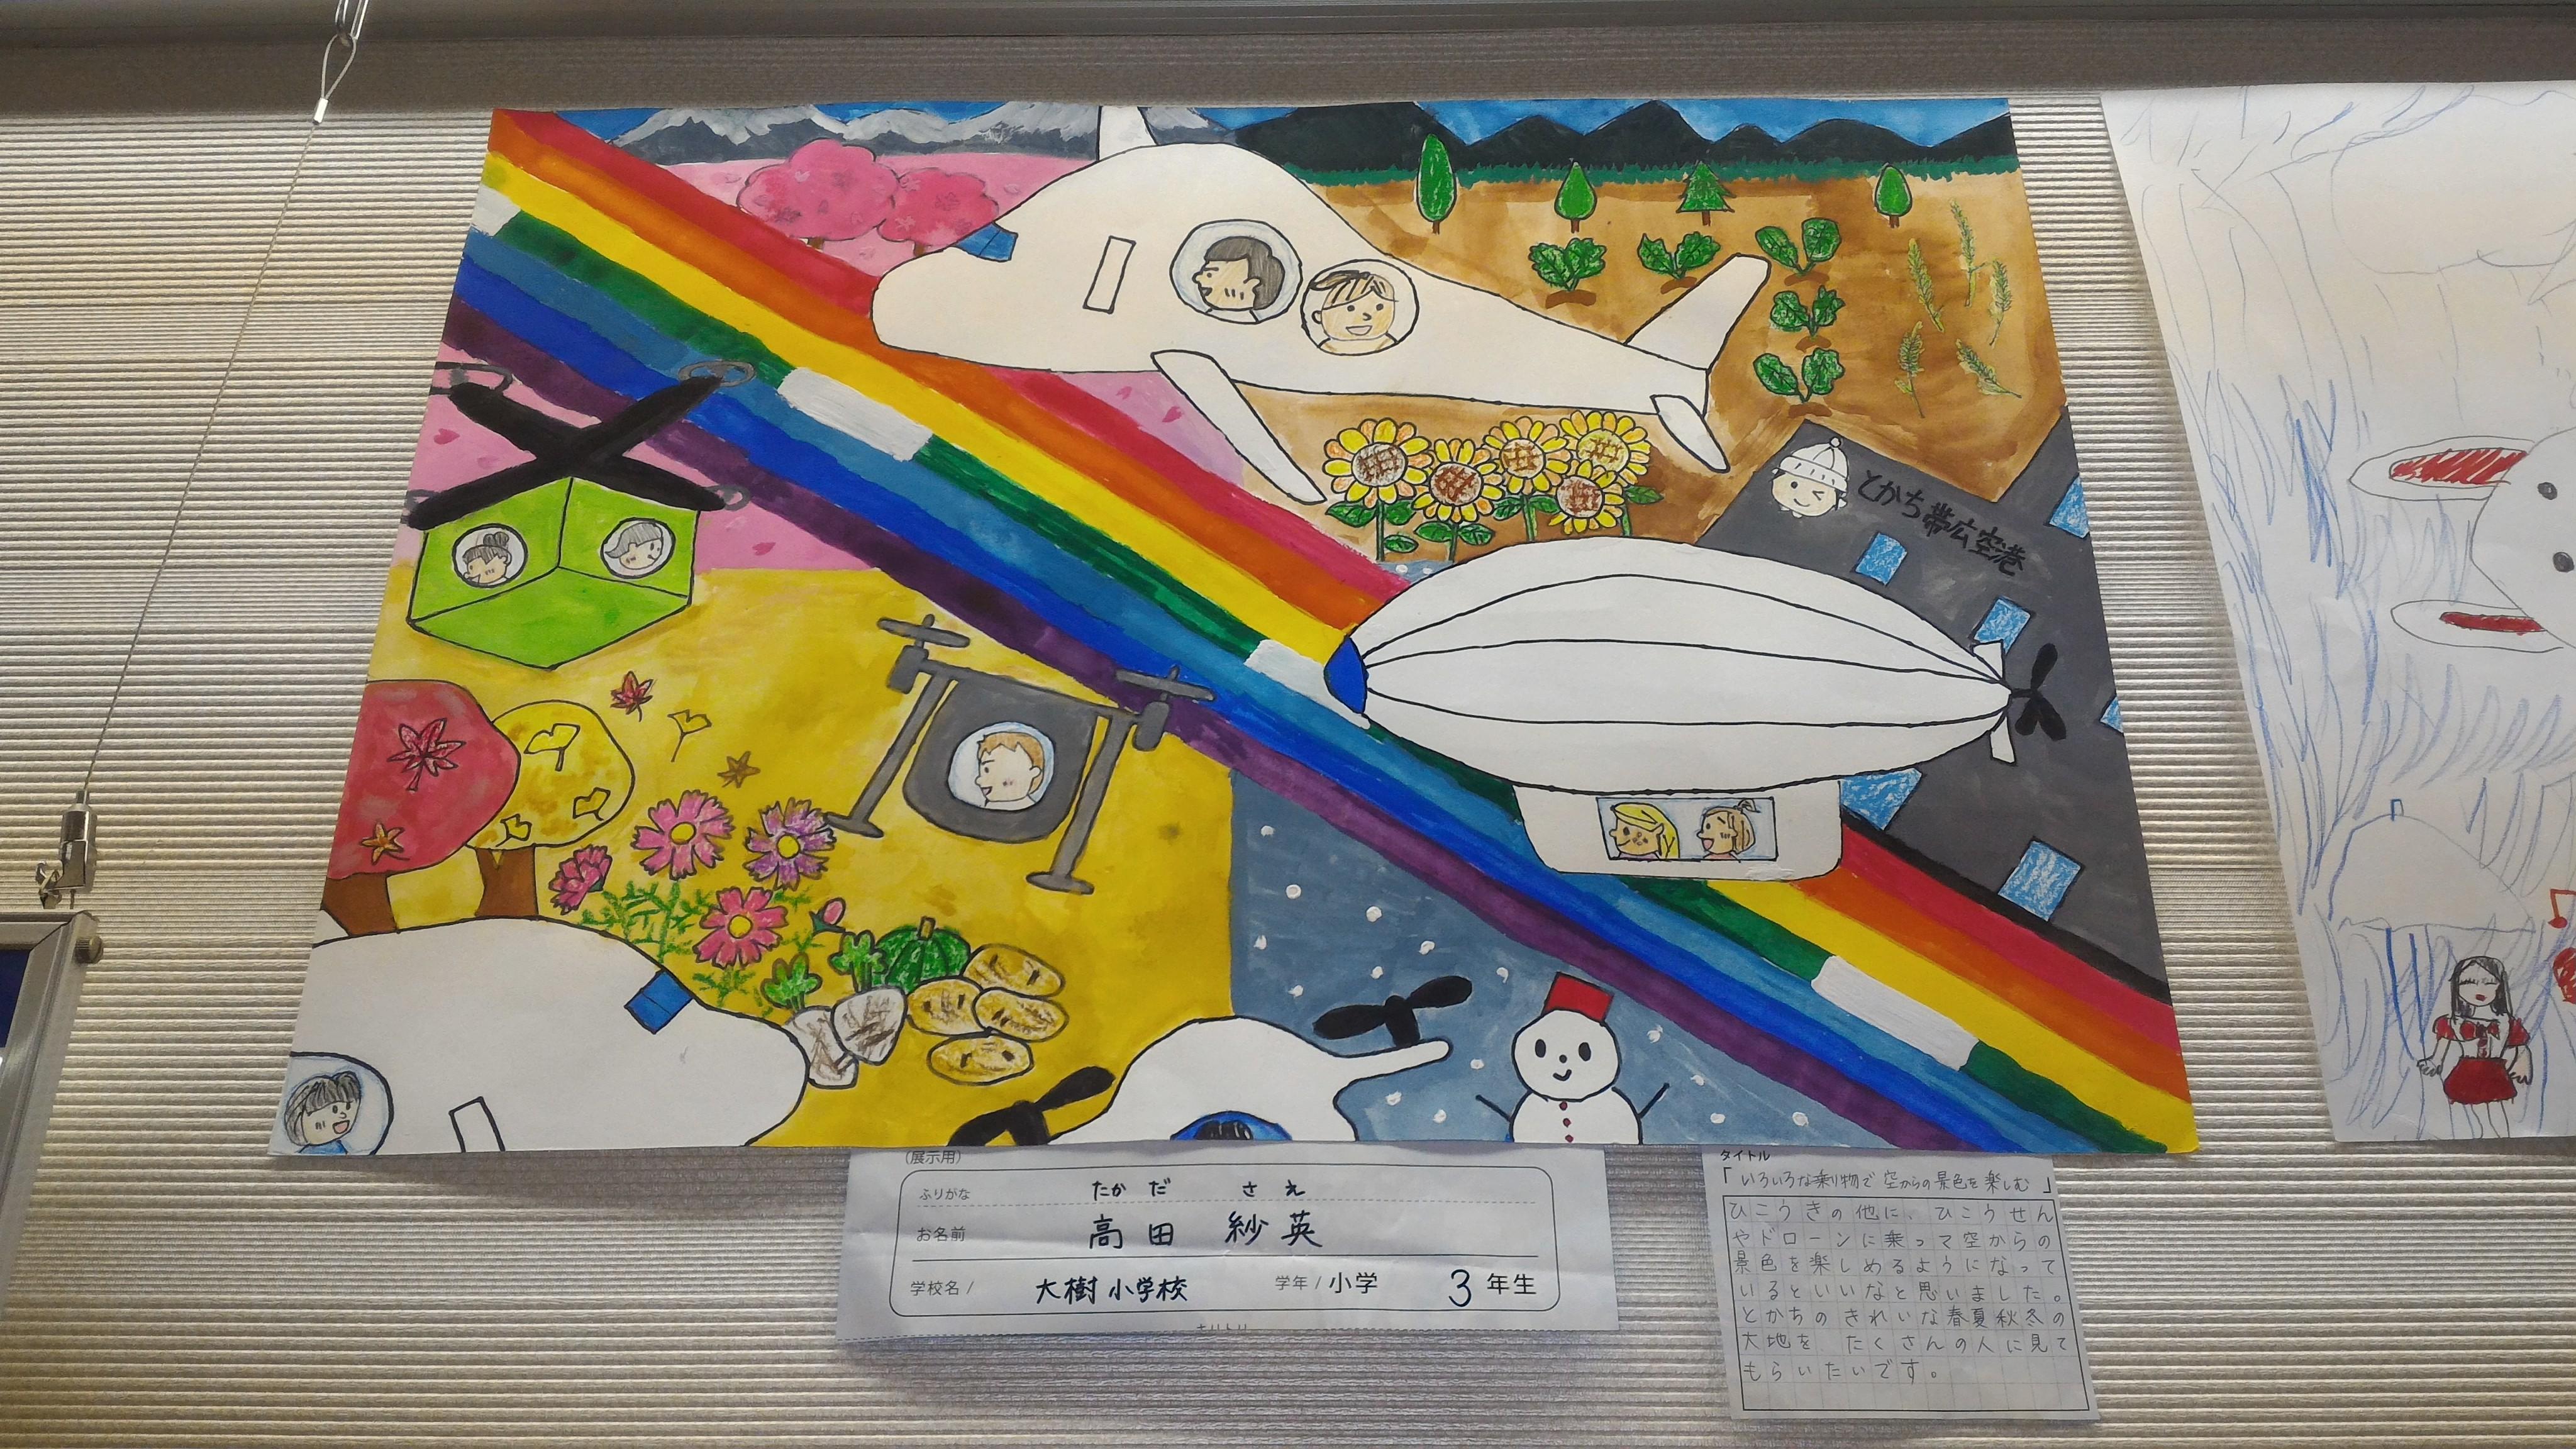 未来の空港」絵画コンテスト2018 全応募作品ご紹介! – 帯広空港